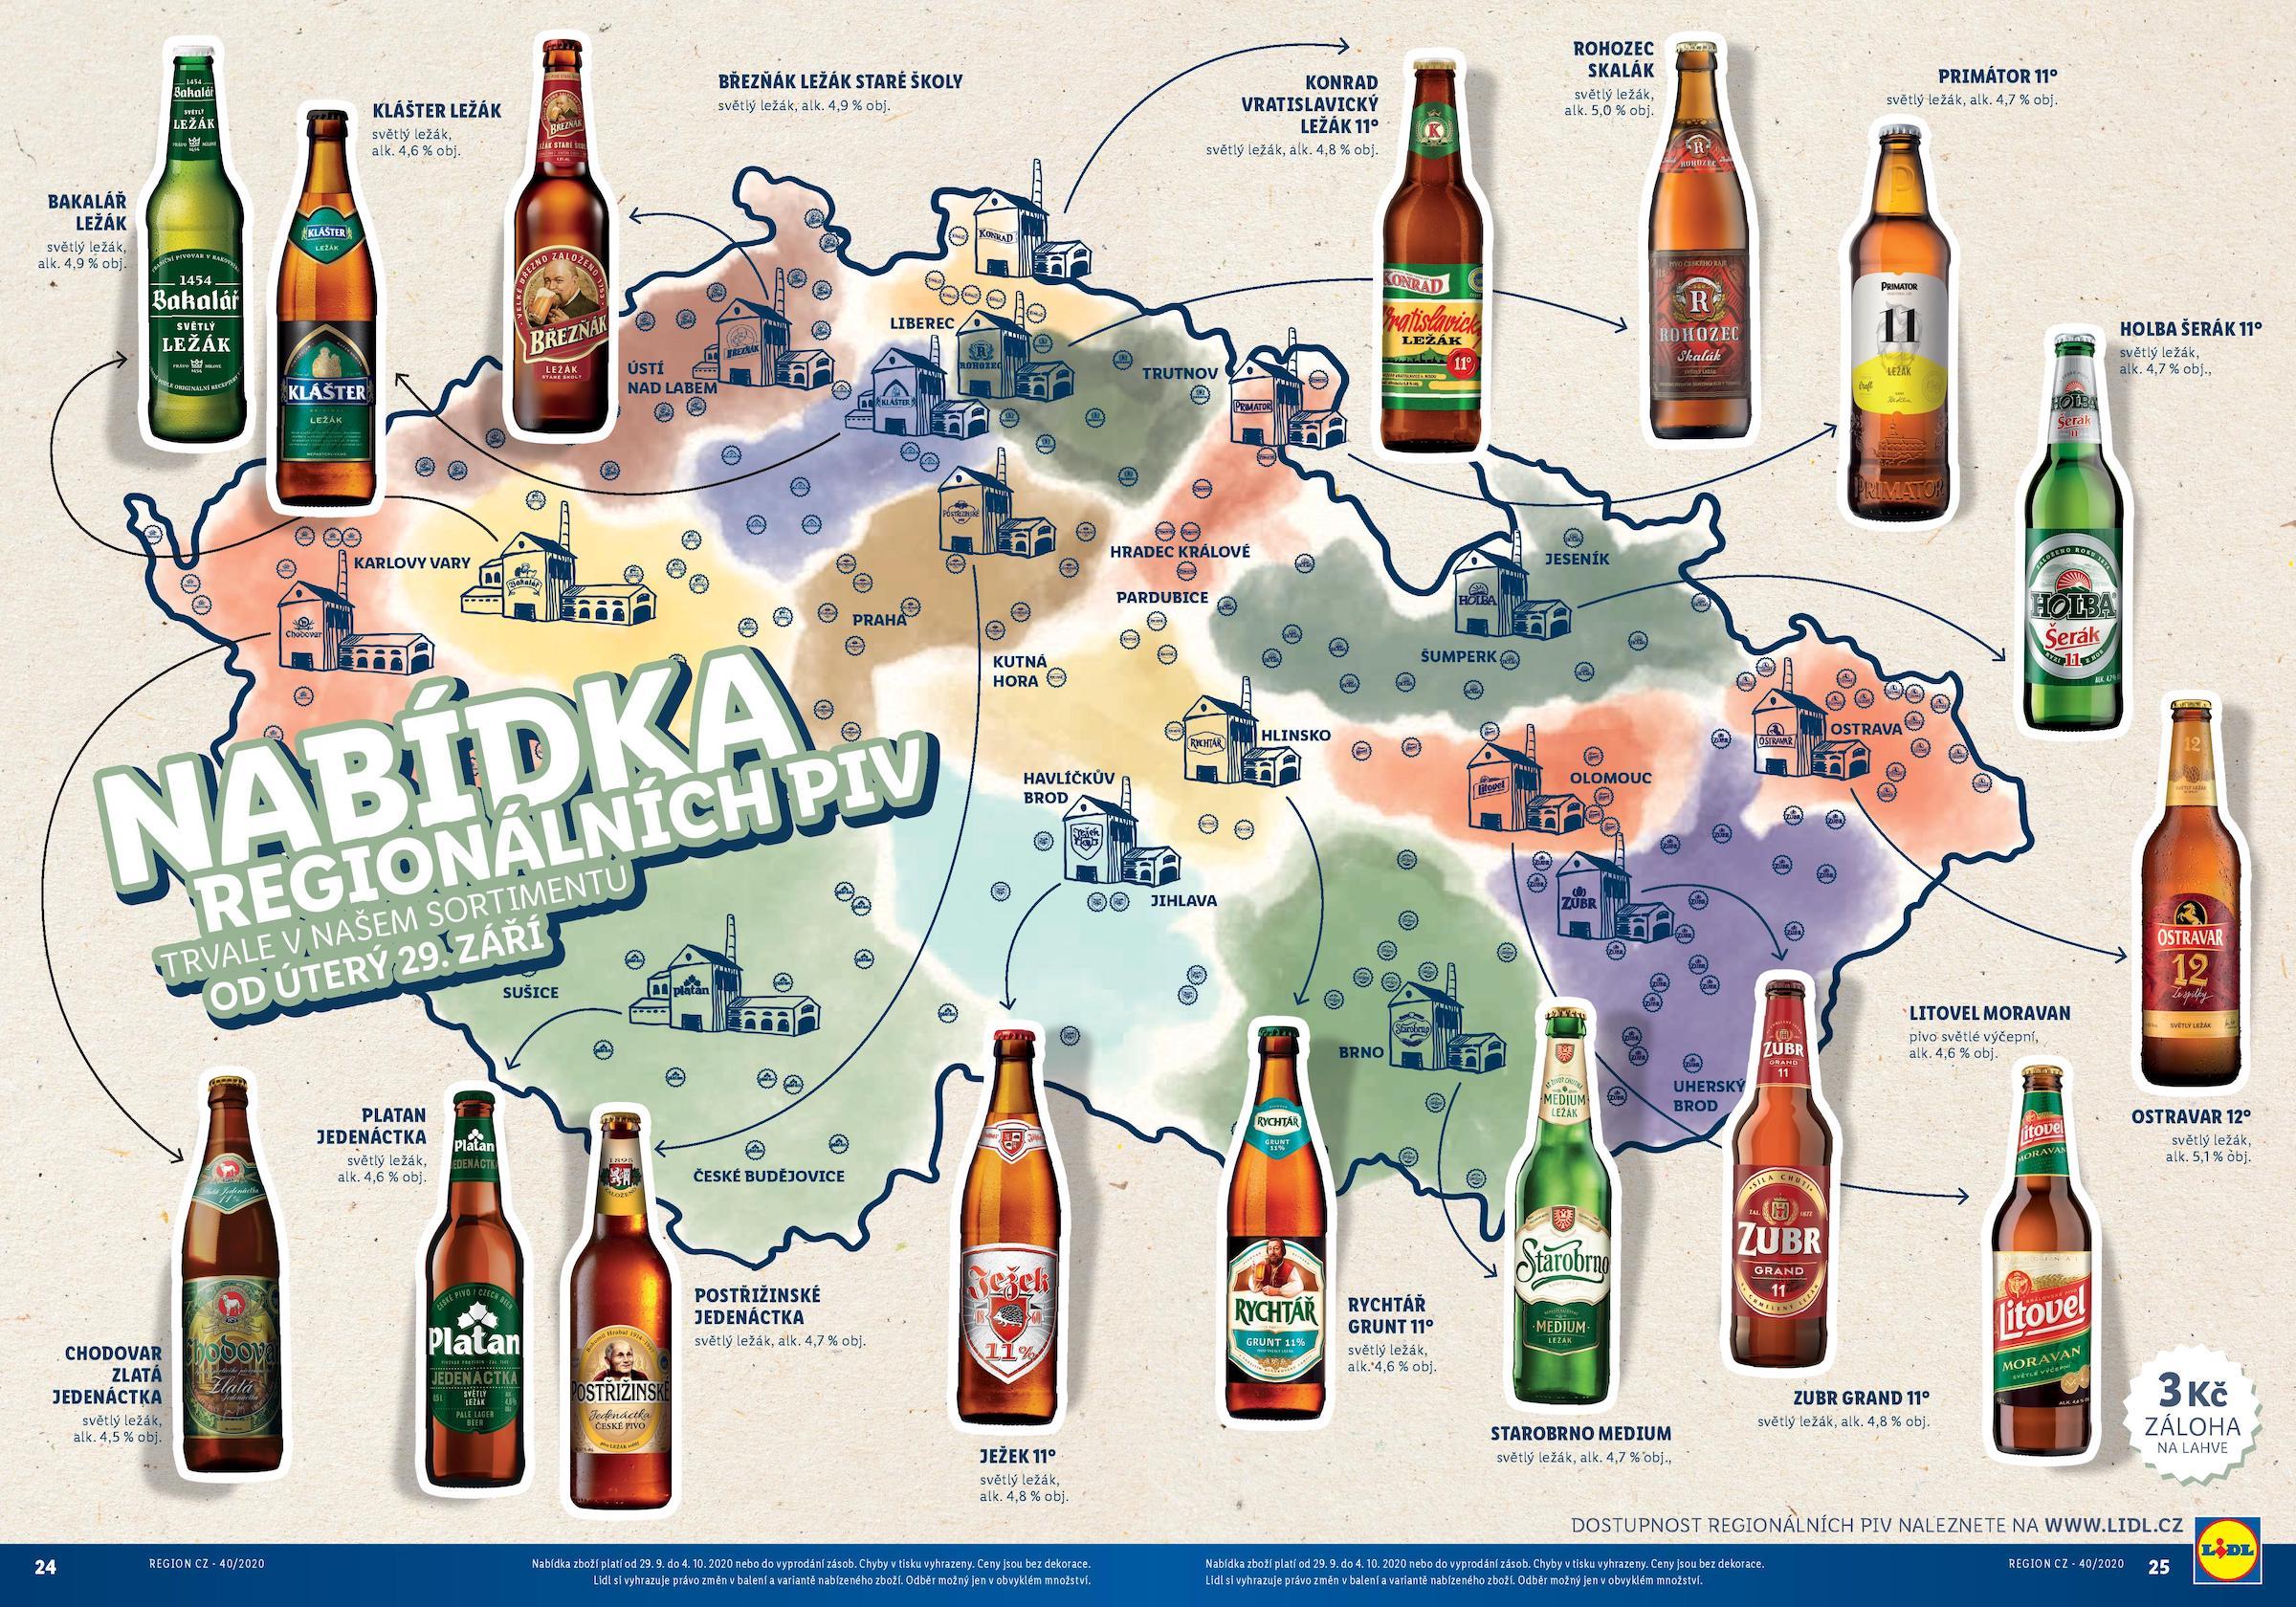 Regionální piva v Lidlu. Kliknutím zvětšíte